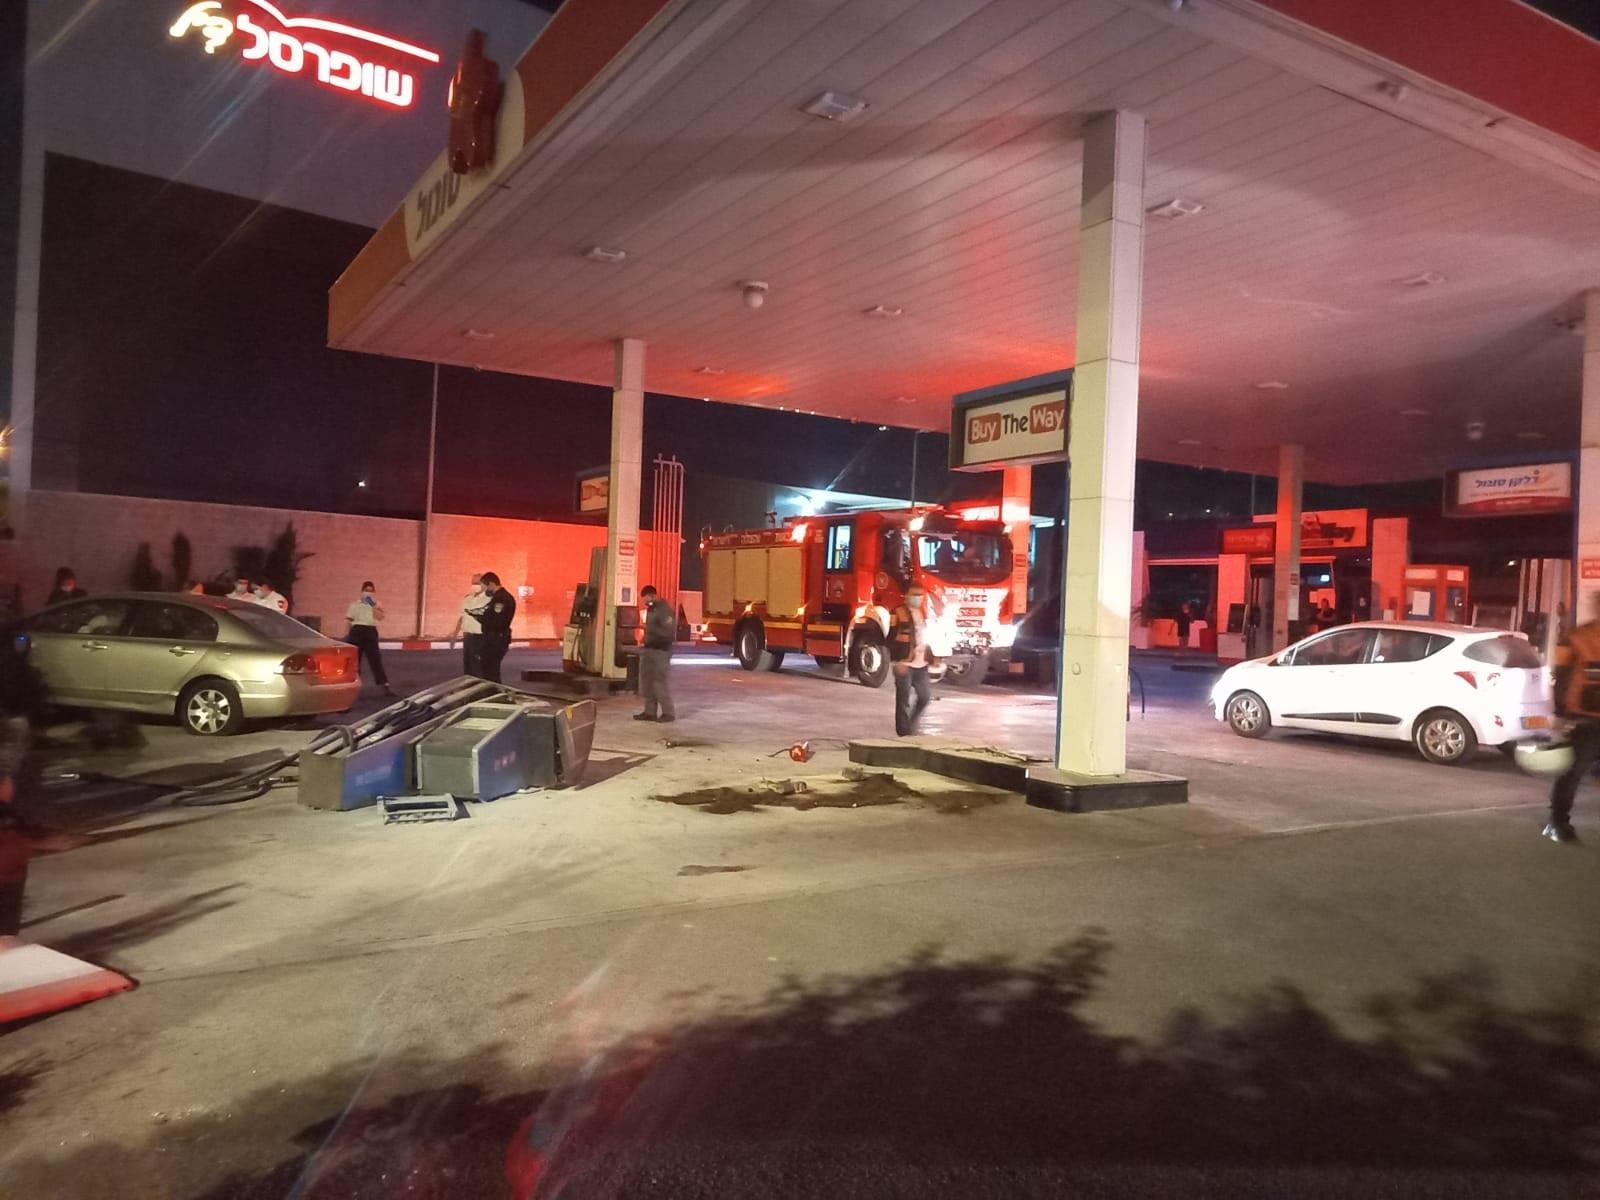 רכב התנגש במשאבת דלק, בנס לא היו נפגעים